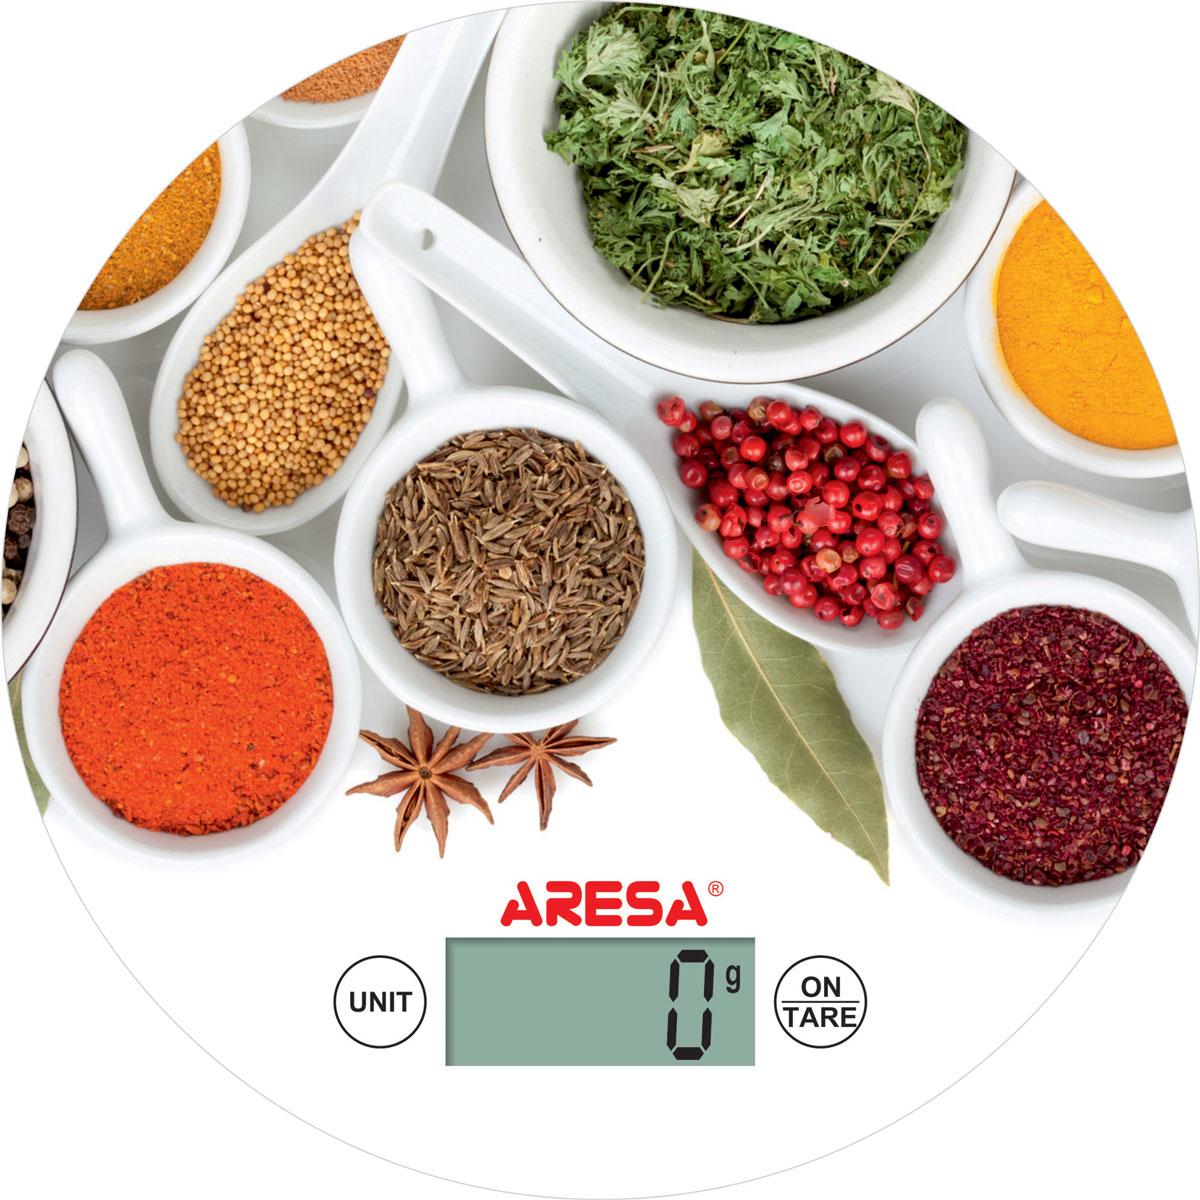 Aresa SK-415 кухонные весыSK-415_белый, специиКухонные электронные весы Aresa SK-415 на двухпозиционном тензоэлектрическом датчике - незаменимые помощники современной хозяйки. Они помогут точно взвесить любые продукты и ингредиенты. Кроме того, позволят людям, соблюдающим диету, контролировать количество съедаемой пищи и размеры порций. Предназначены для взвешивания продуктов с точностью измерения 1 грамм. Минимальная нагрузка: 5 г